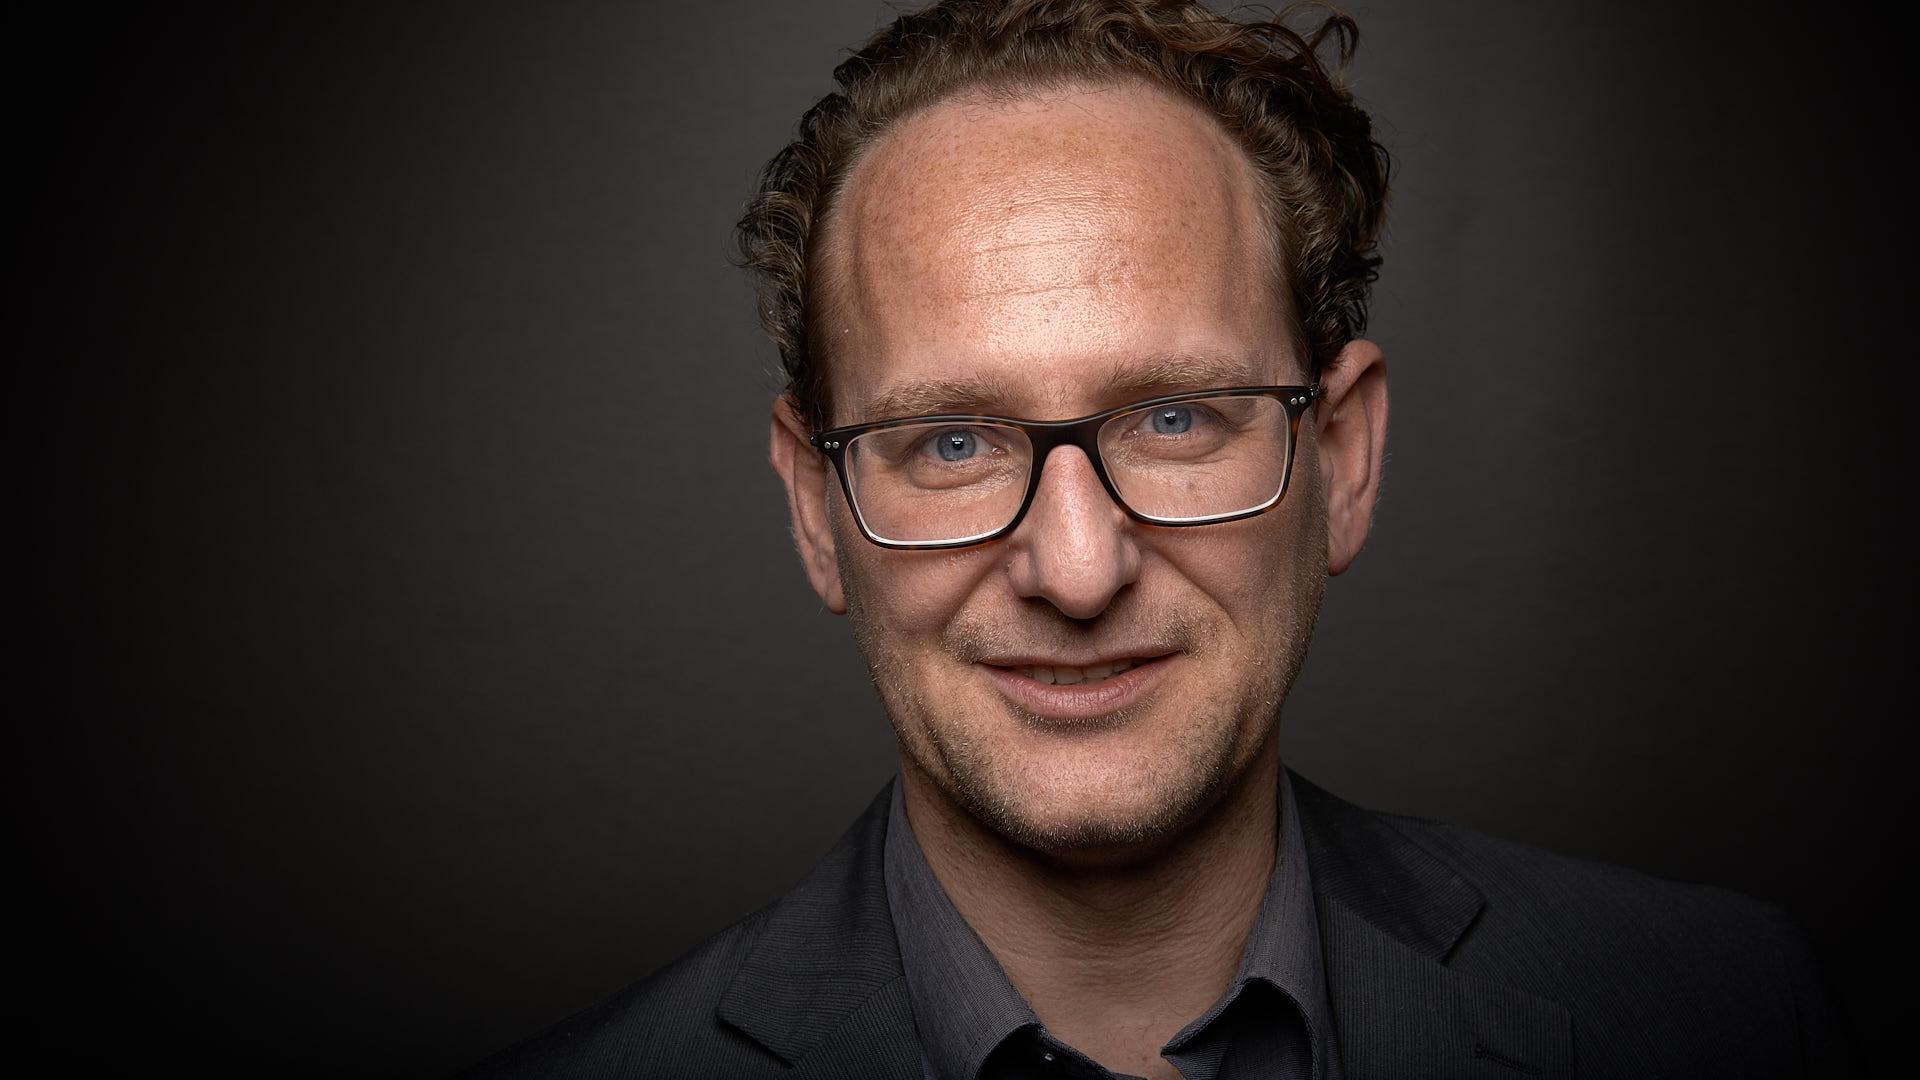 Christian Ziems